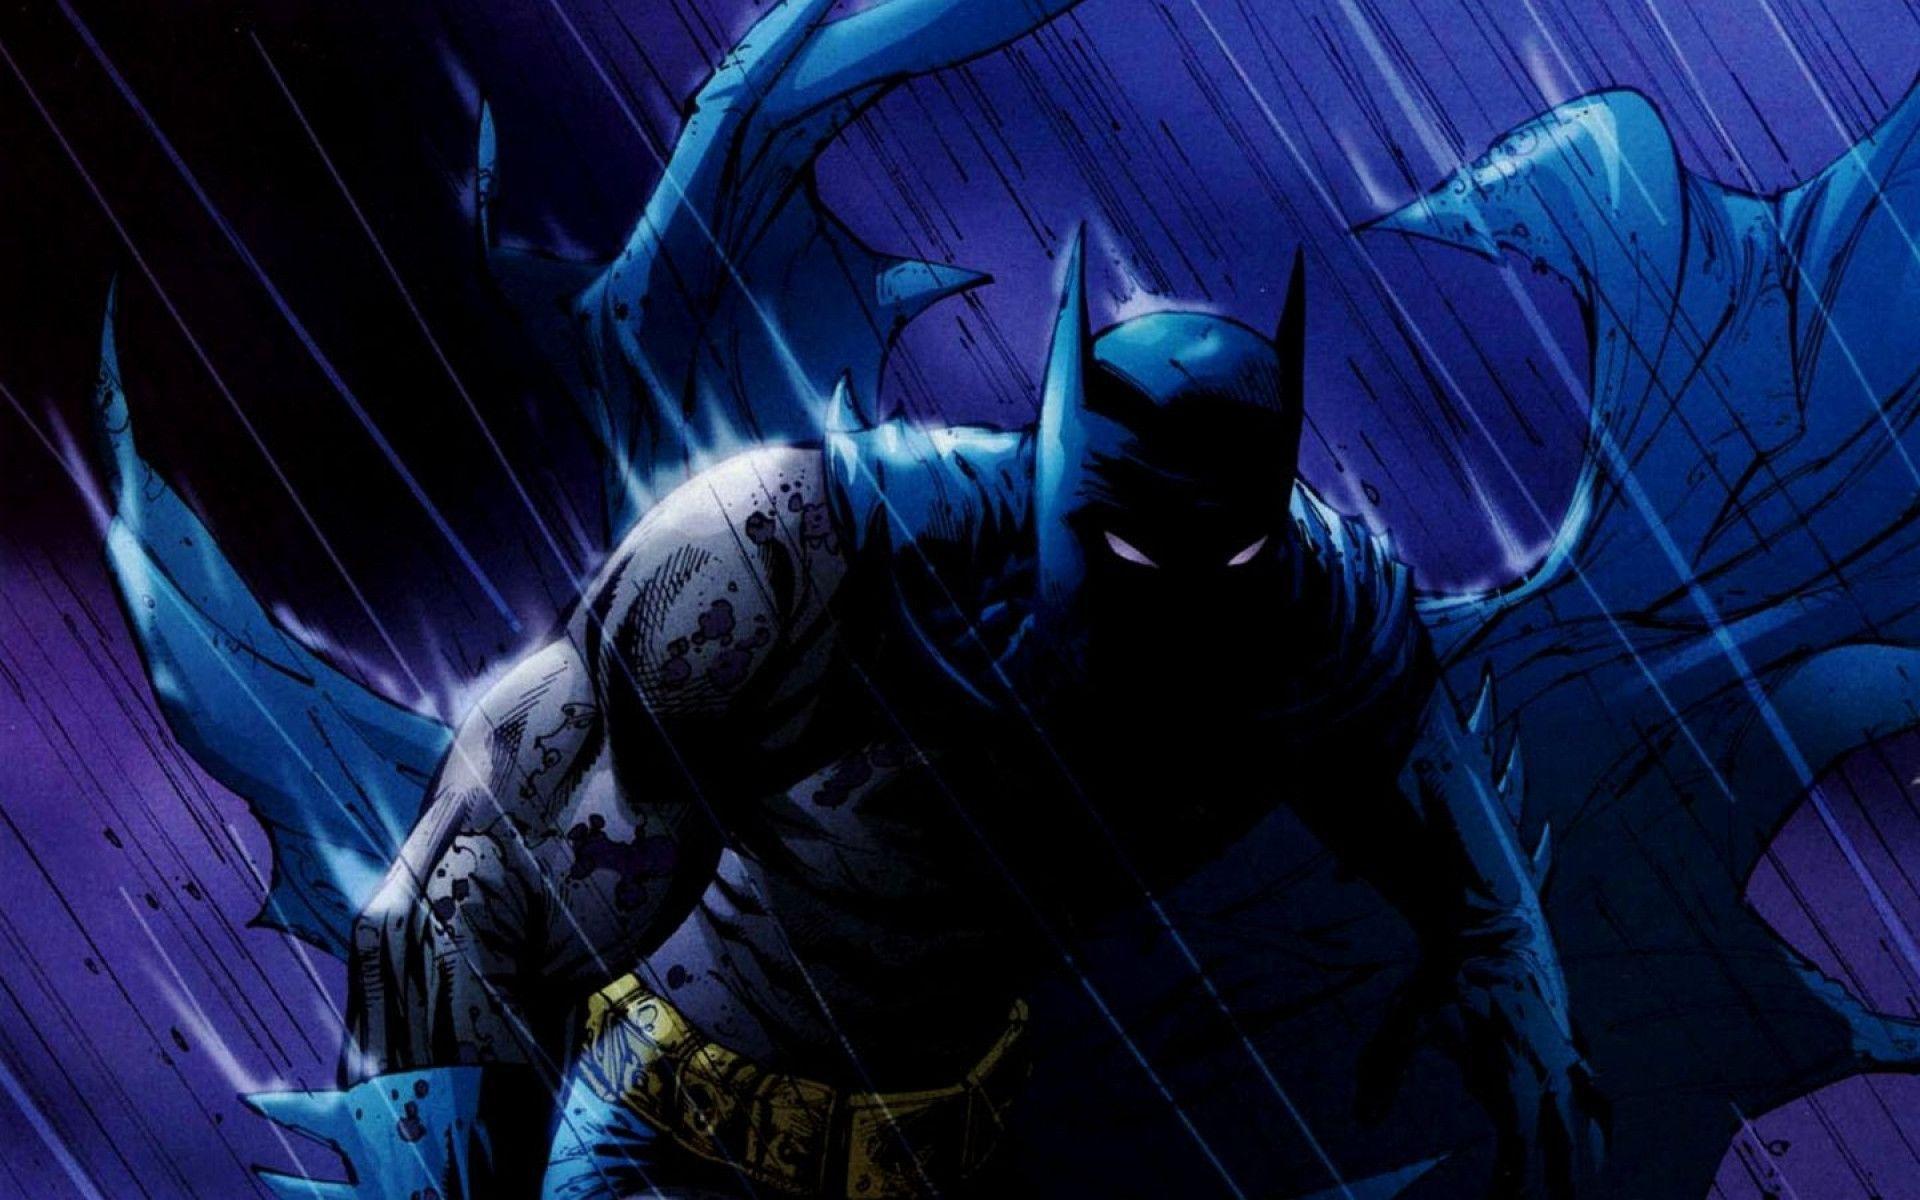 wallpaper comics batman - photo #17